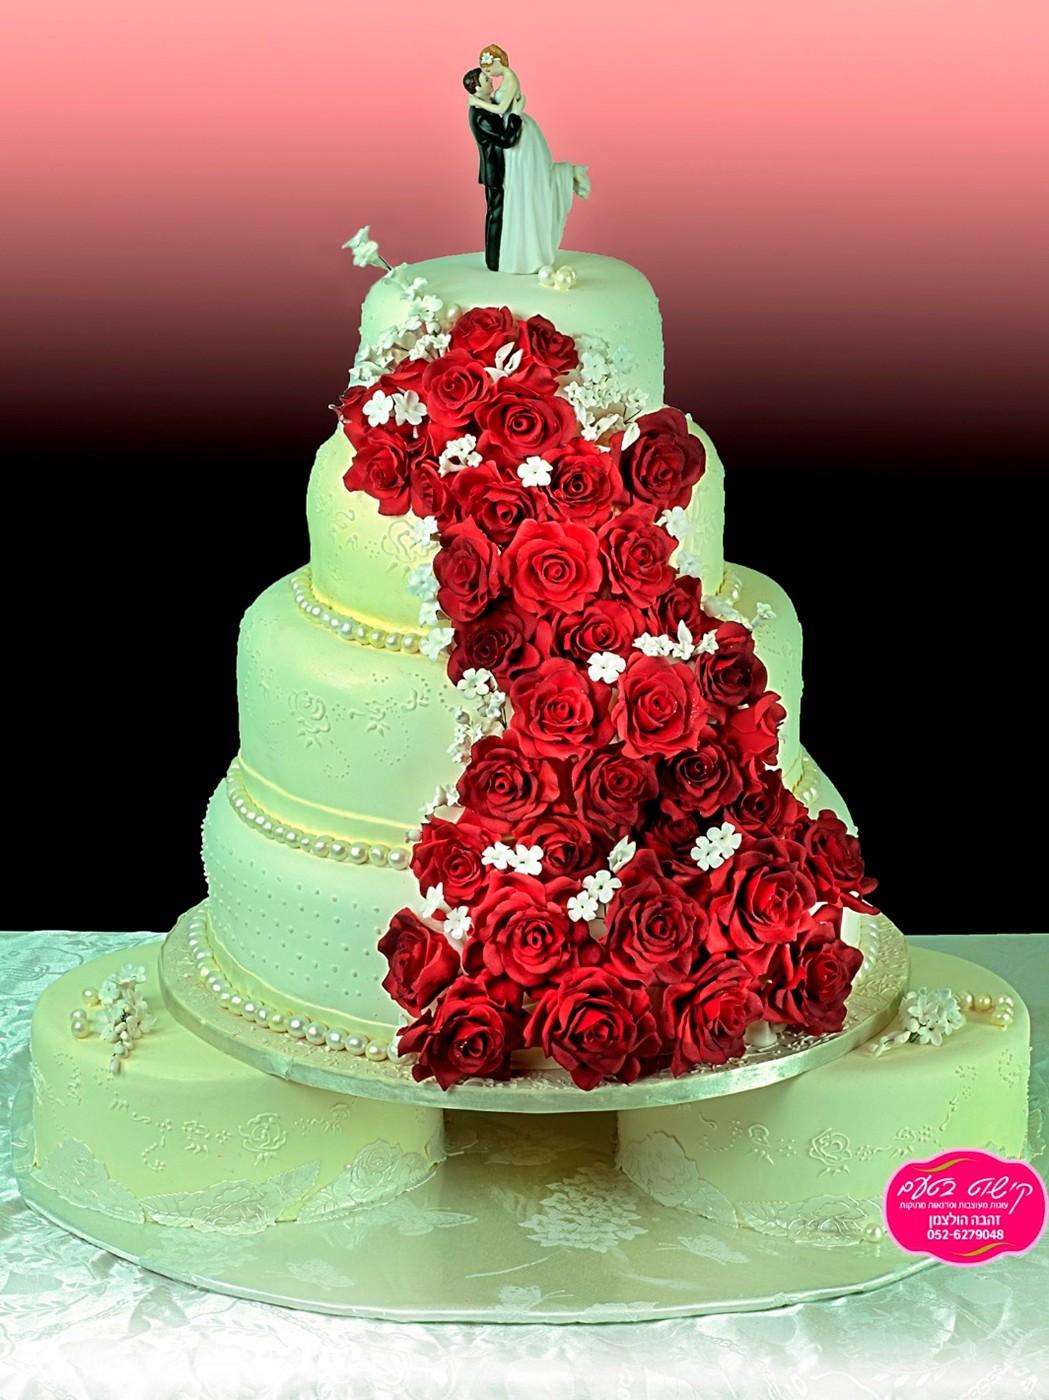 עוגת חתונה מפוארת מעוצבת פרחי סוכר ורדים מסוכר